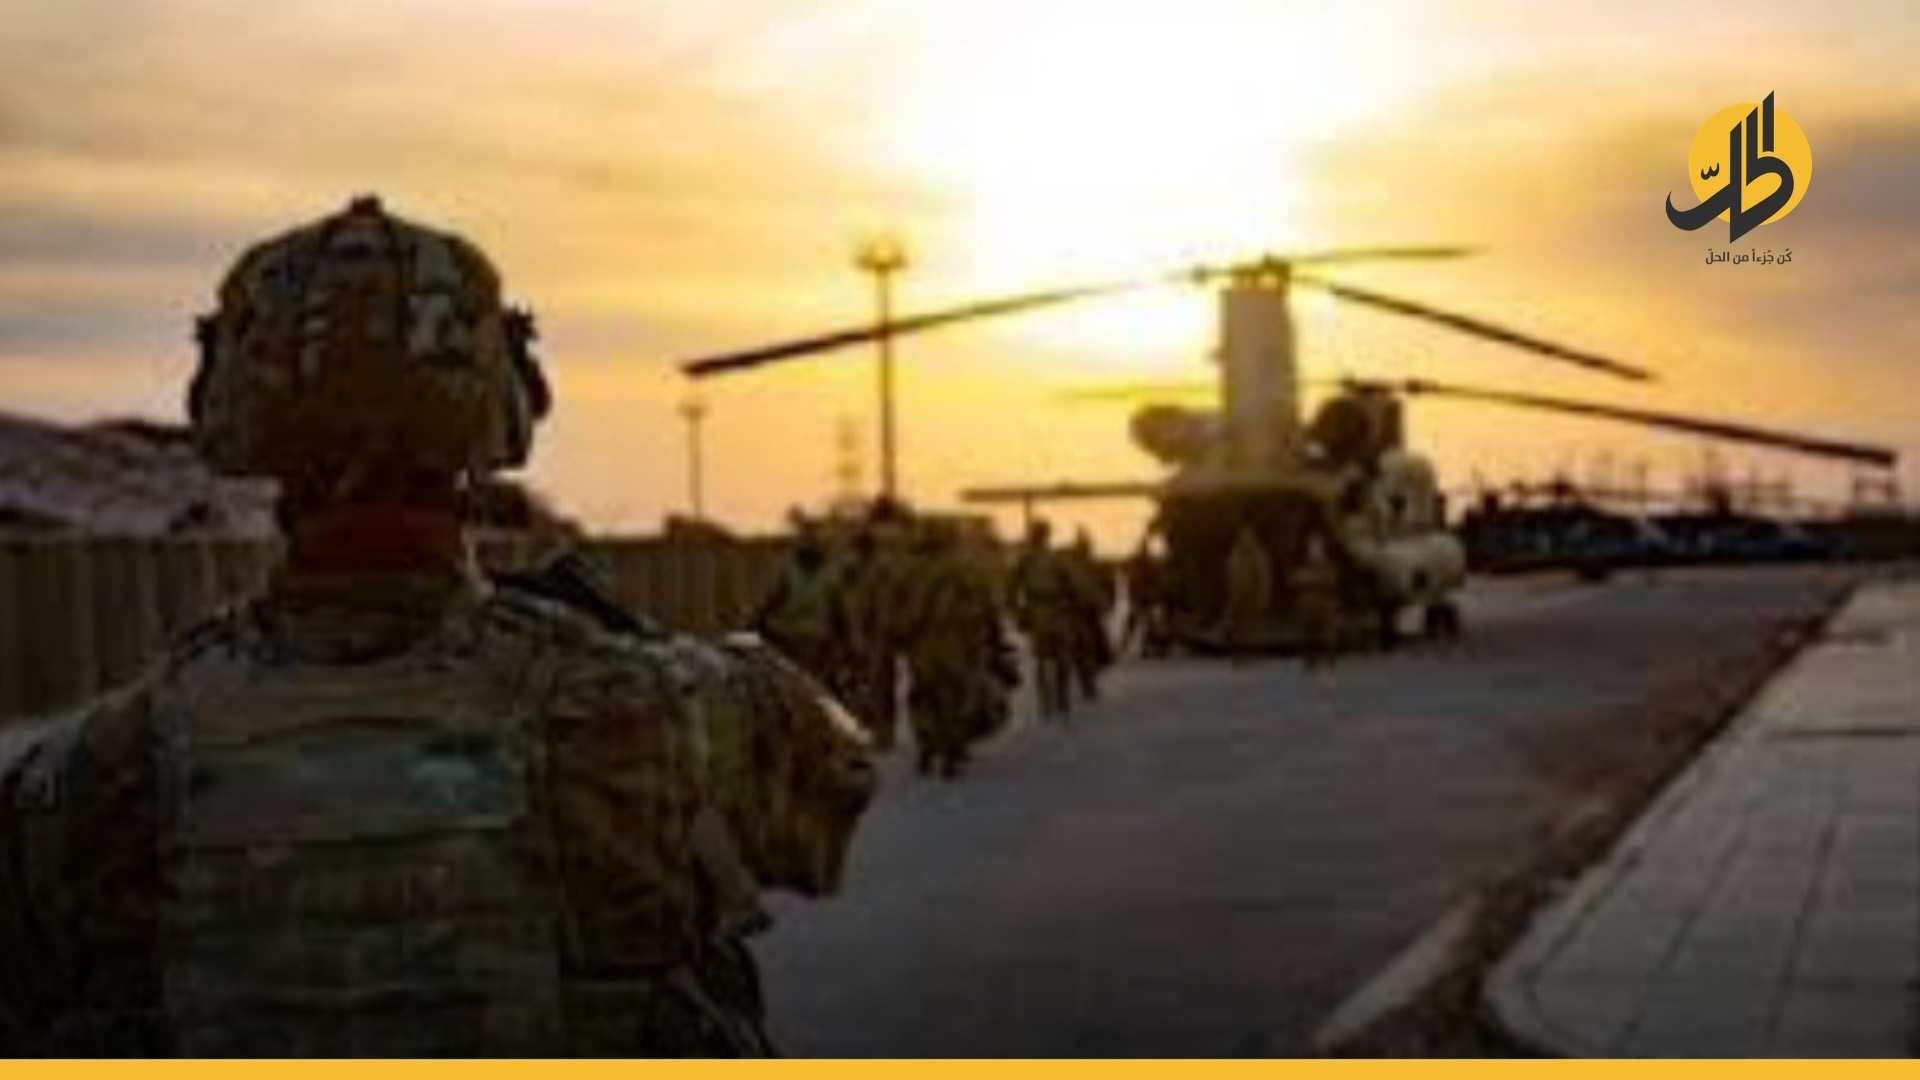 التحالف الدولي يُسلّم العراق ذخيرة وأسلحة بقيمة 3 مليون دولار